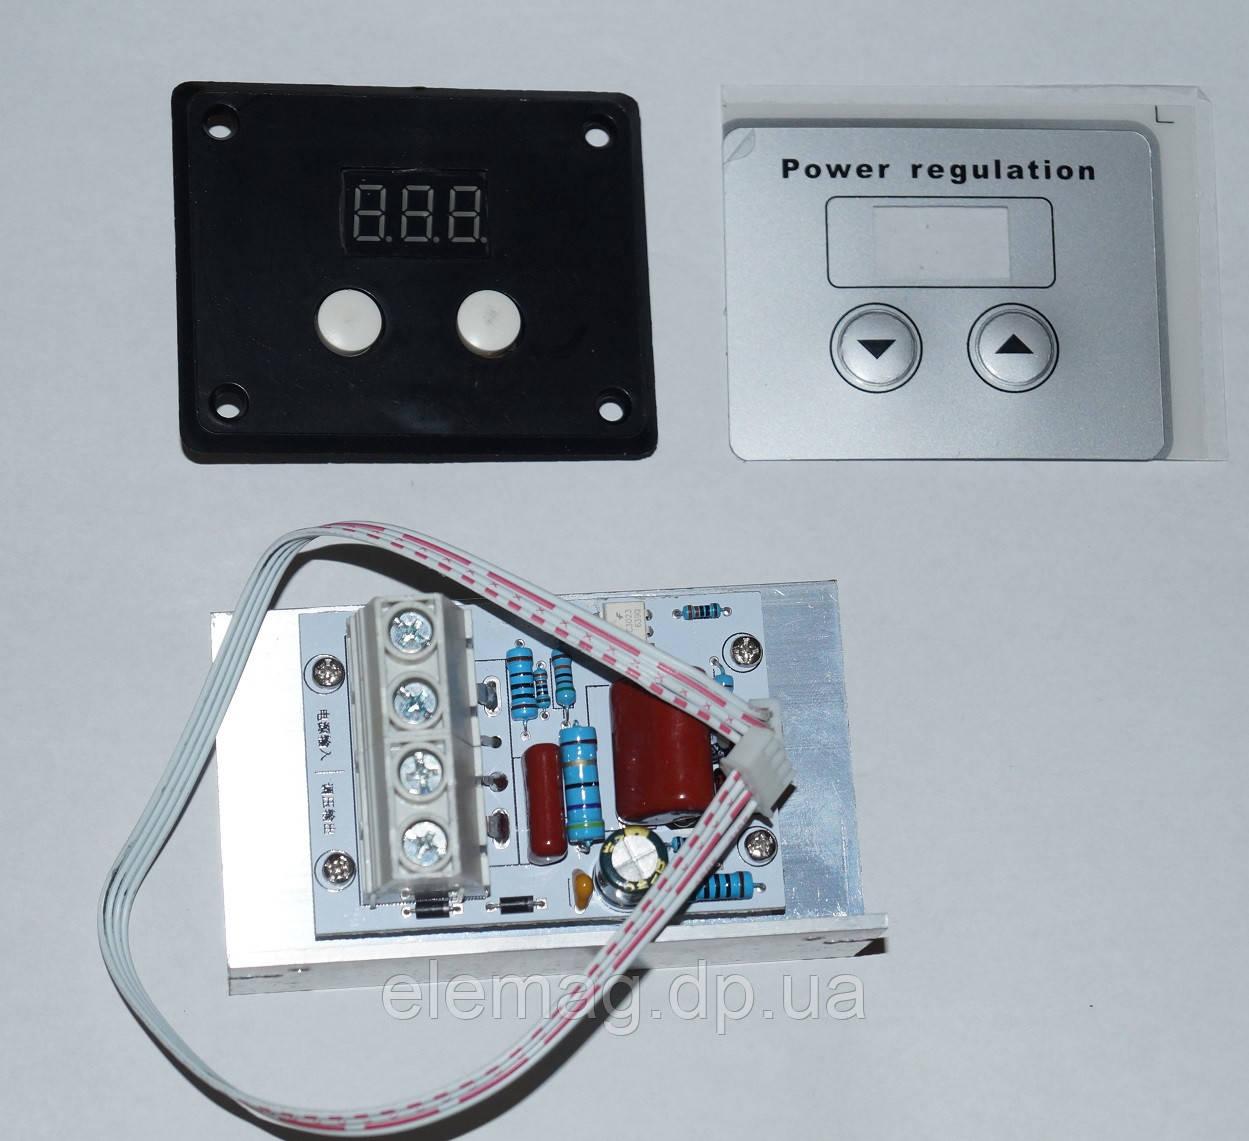 10000 Вт Цифровой  регулятор мощности (45А) 220В с цифровым дисплеем